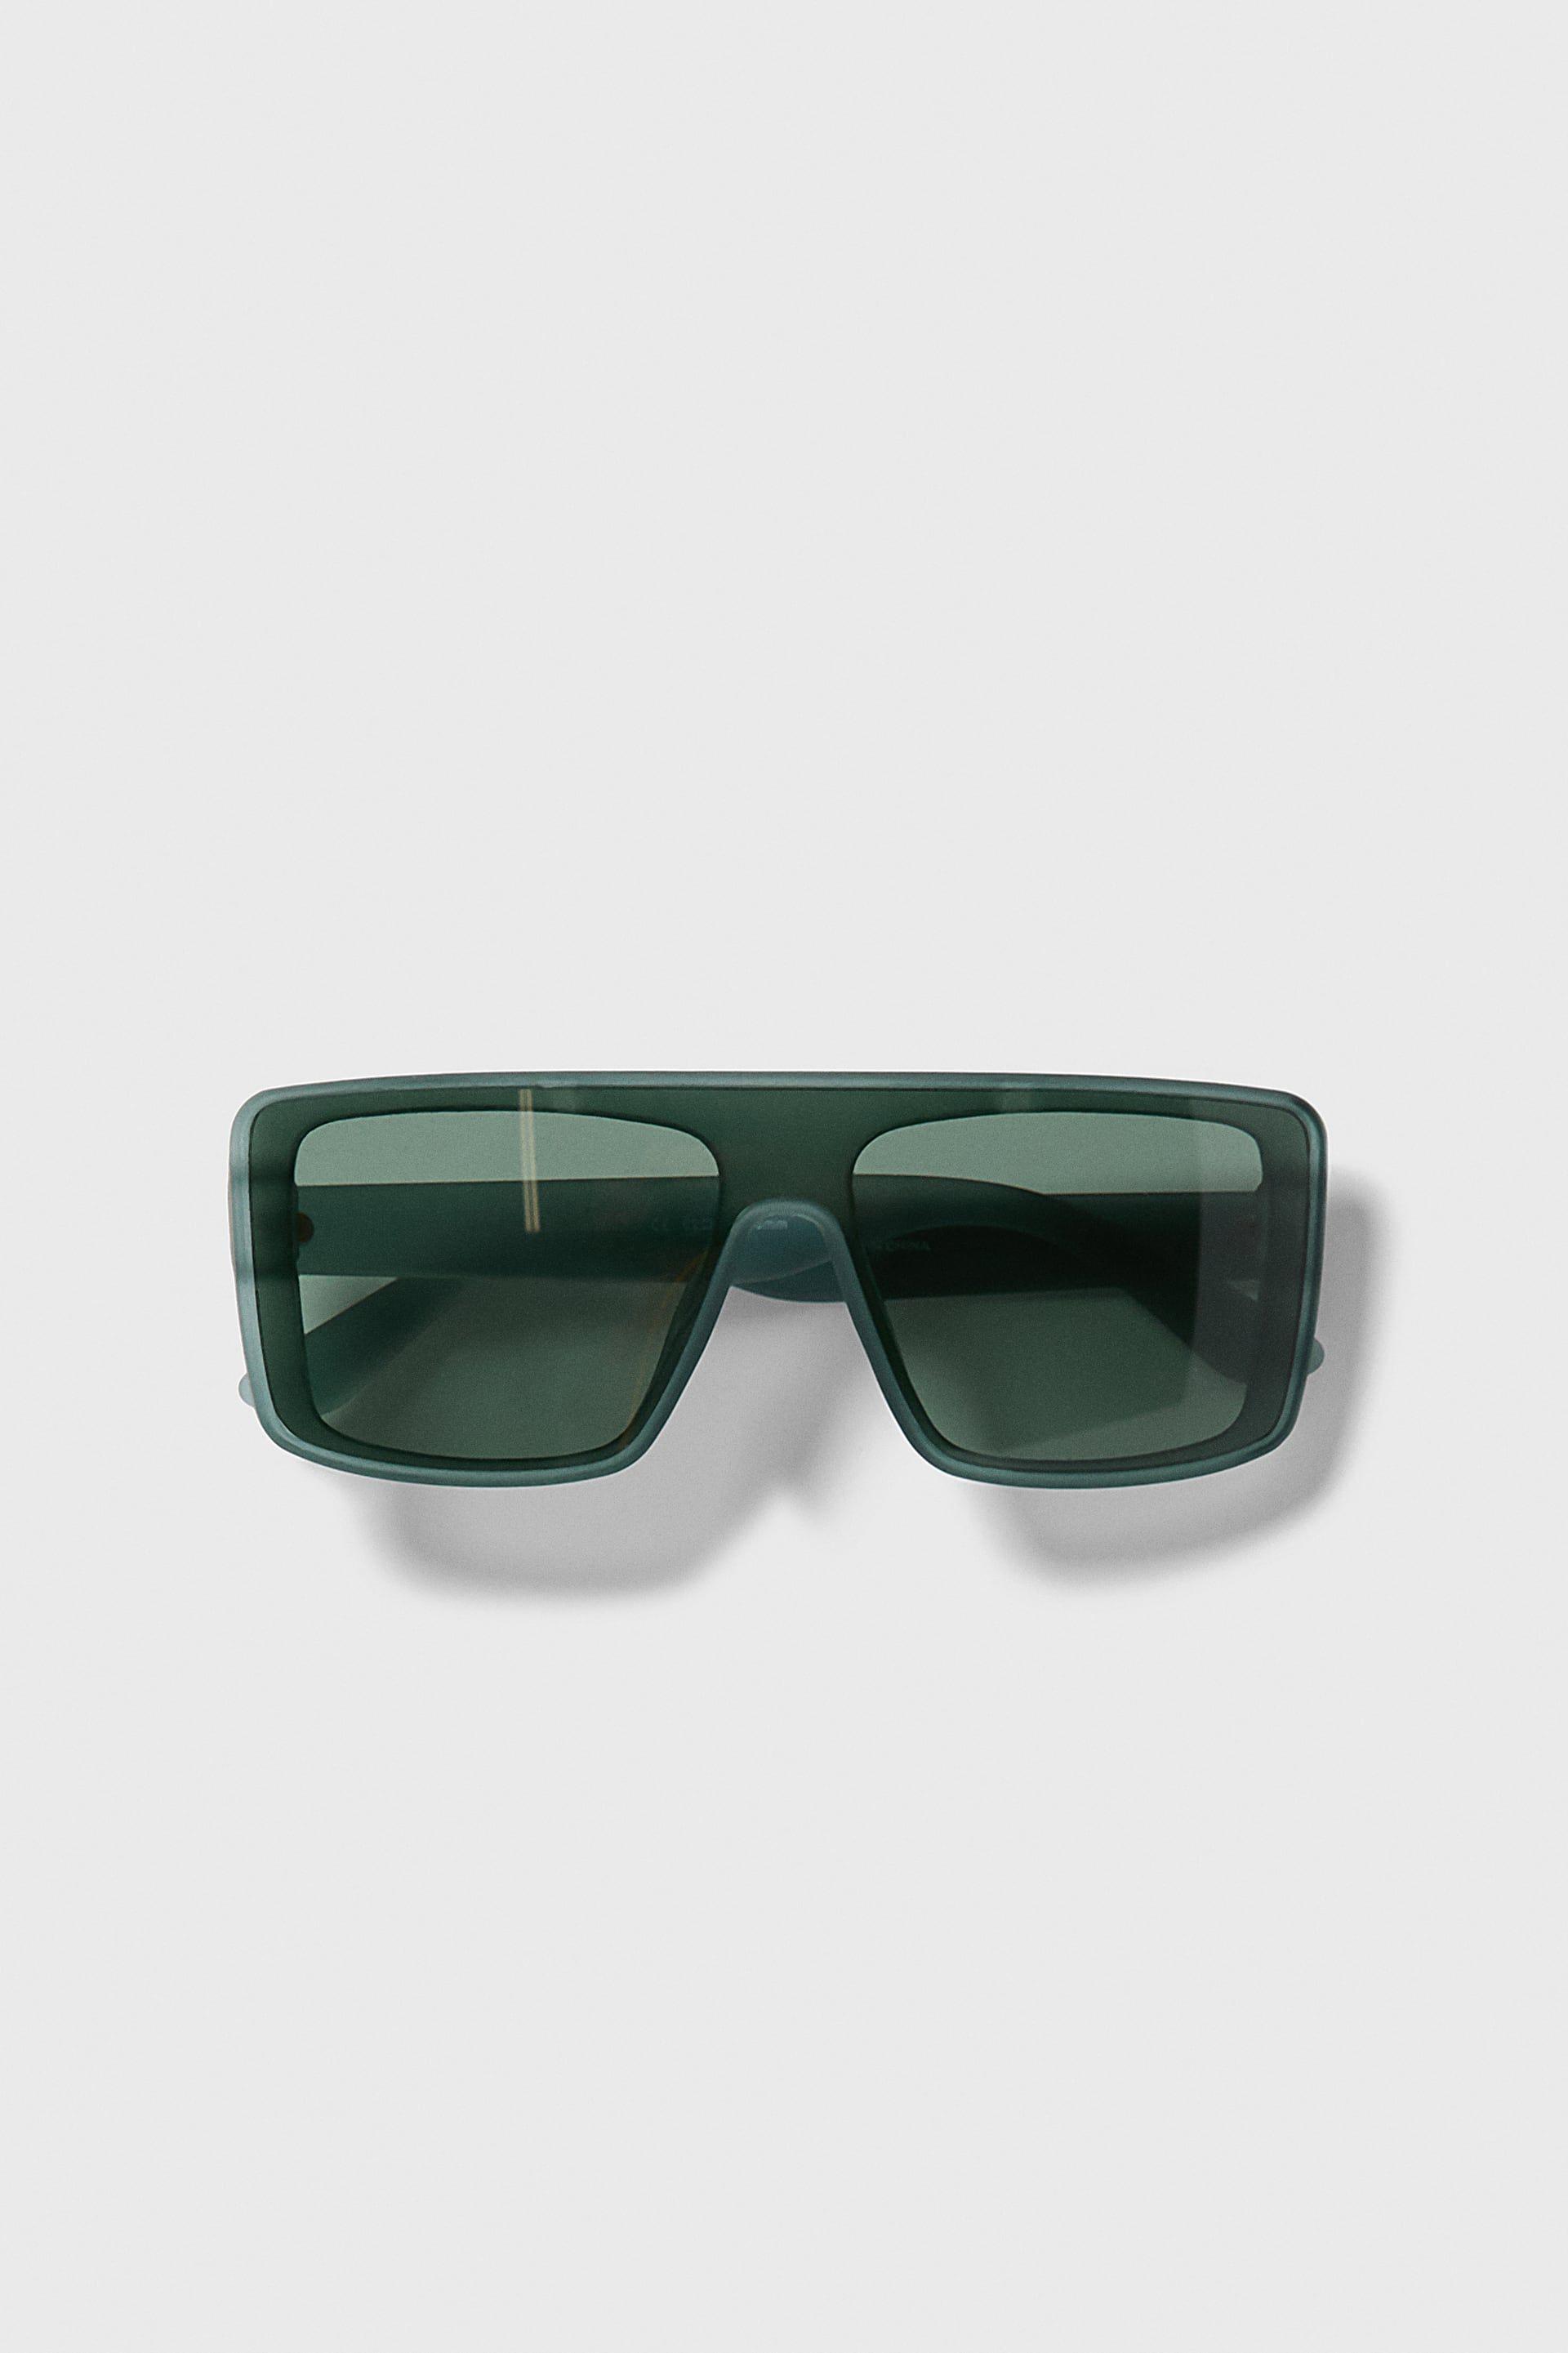 2//set Futuristic  Mirrored Sunglasses Monoblock Shield Glasses Silver